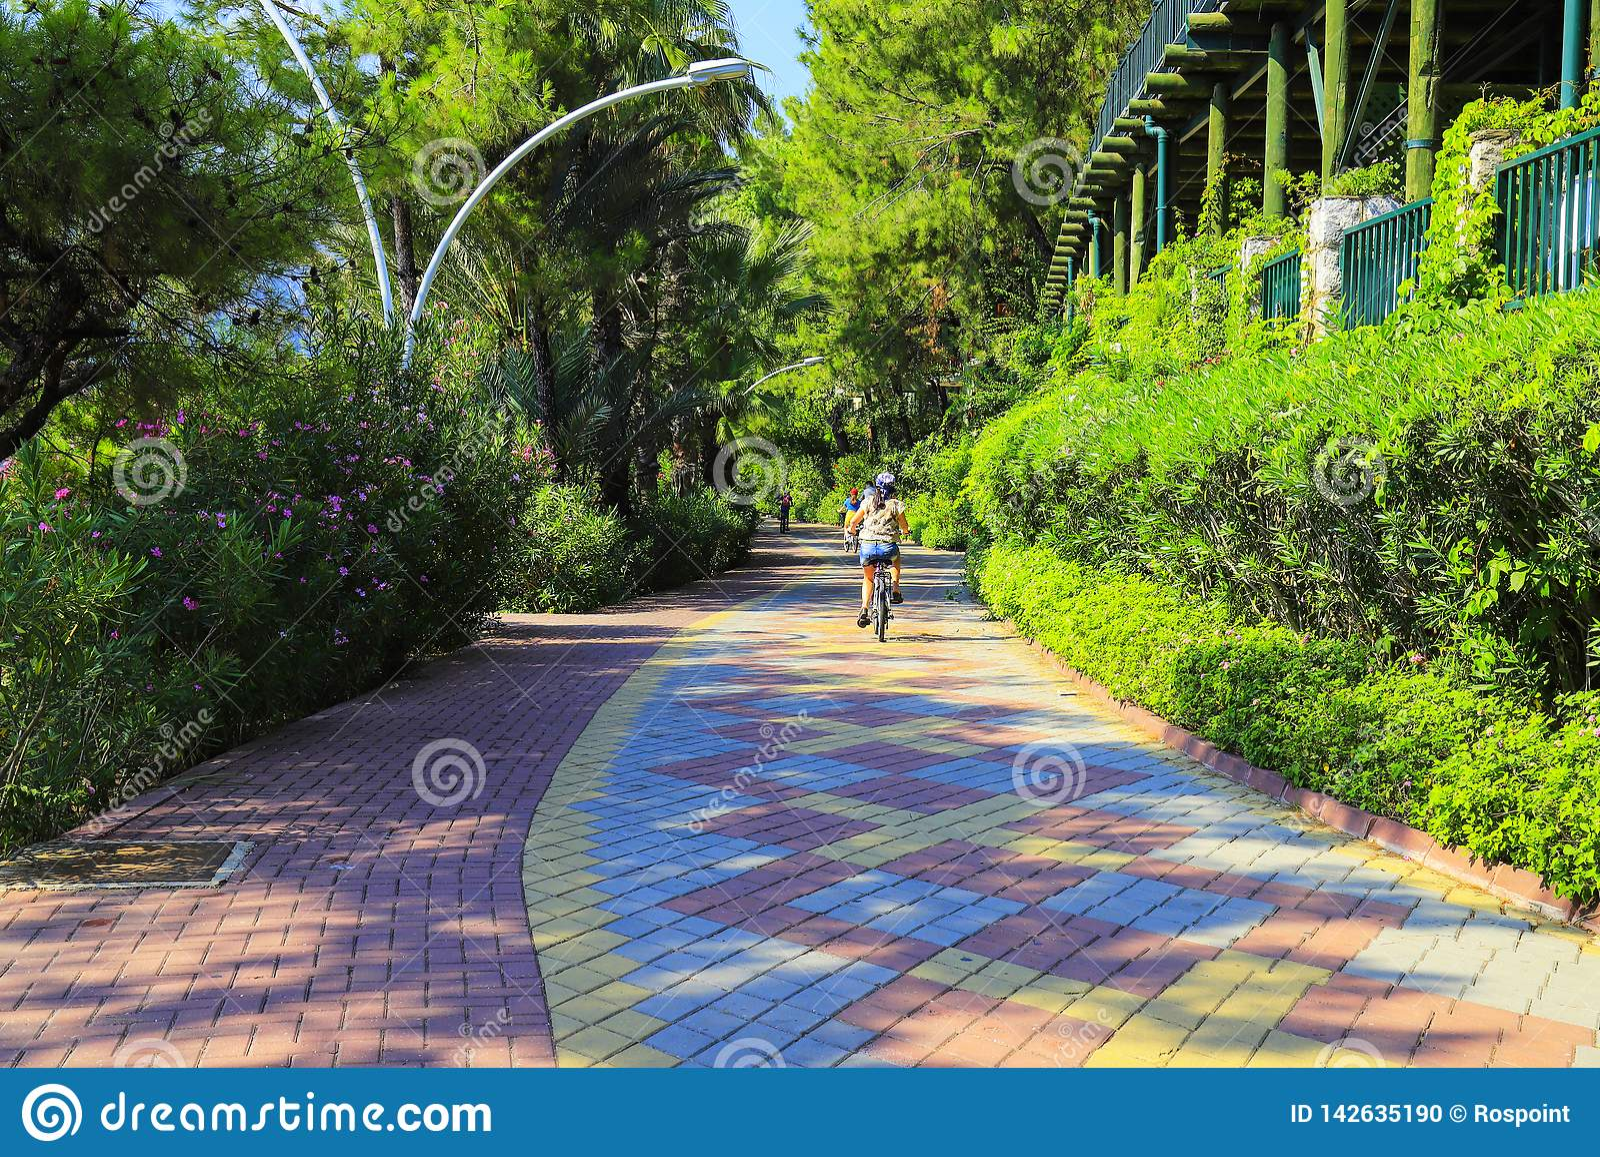 Kleines Kind fährt Fahrrad entlang einem Zyklusweg von mehrfarbigen Pflasterungsfliesen unter grünen Bäumen im Frühjahr und Somme